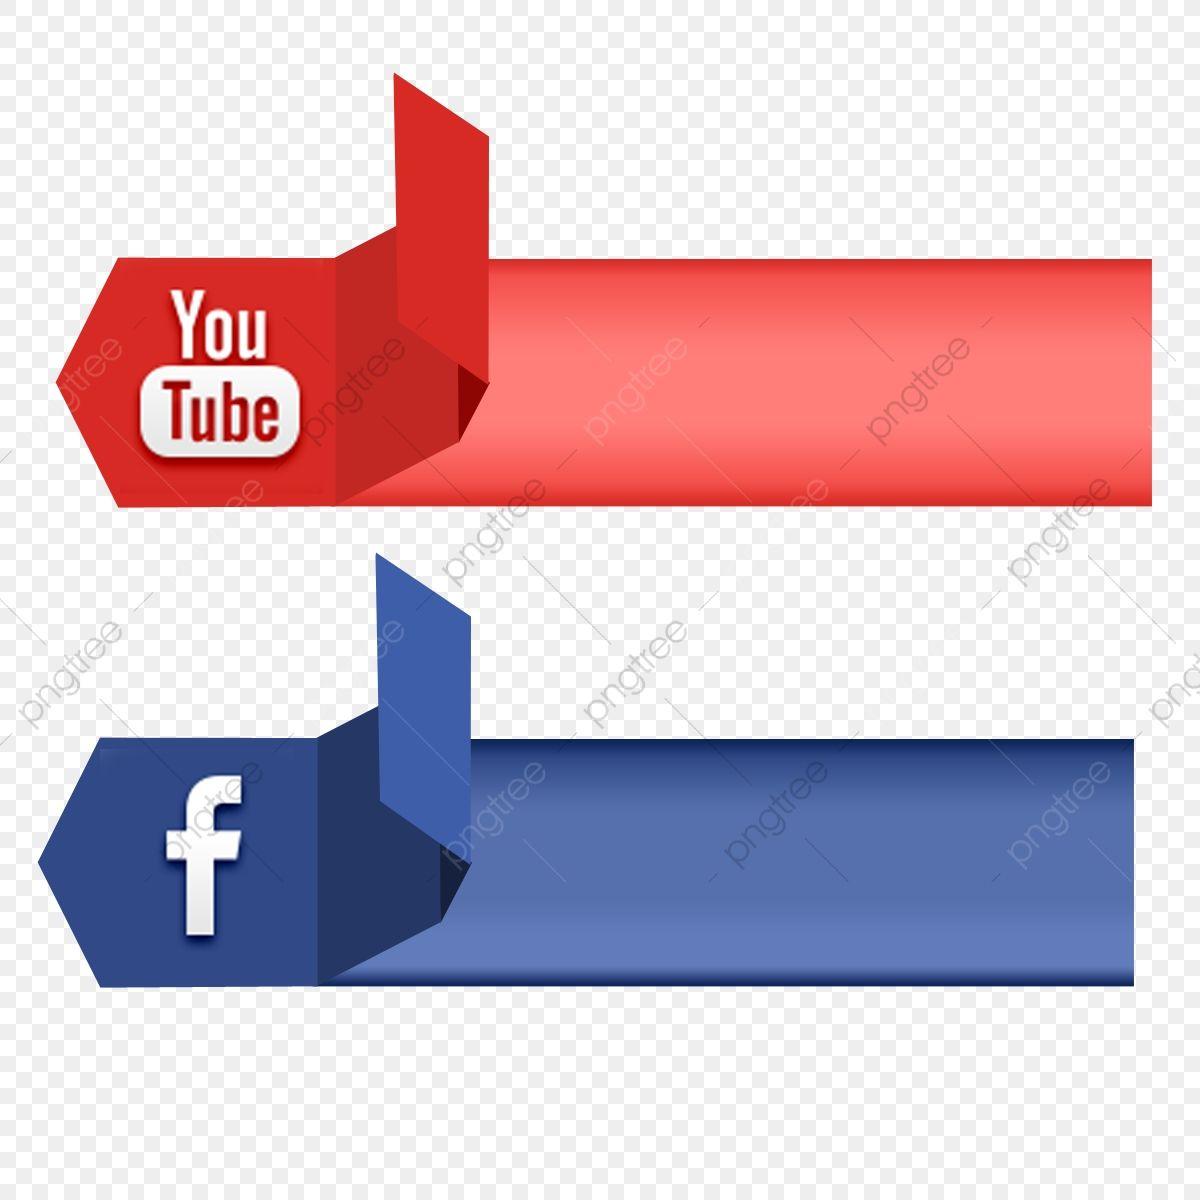 وسائل الاعلام الاجتماعية أيقونة يوتيوب شعار الشريط ناقلات أيقونات يوتيوب الرموز الاجتماعية محول الرموز Png وملف Psd للتحميل مجانا In 2020 Instagram Logo Banner Template Photoshop Poster Background Design